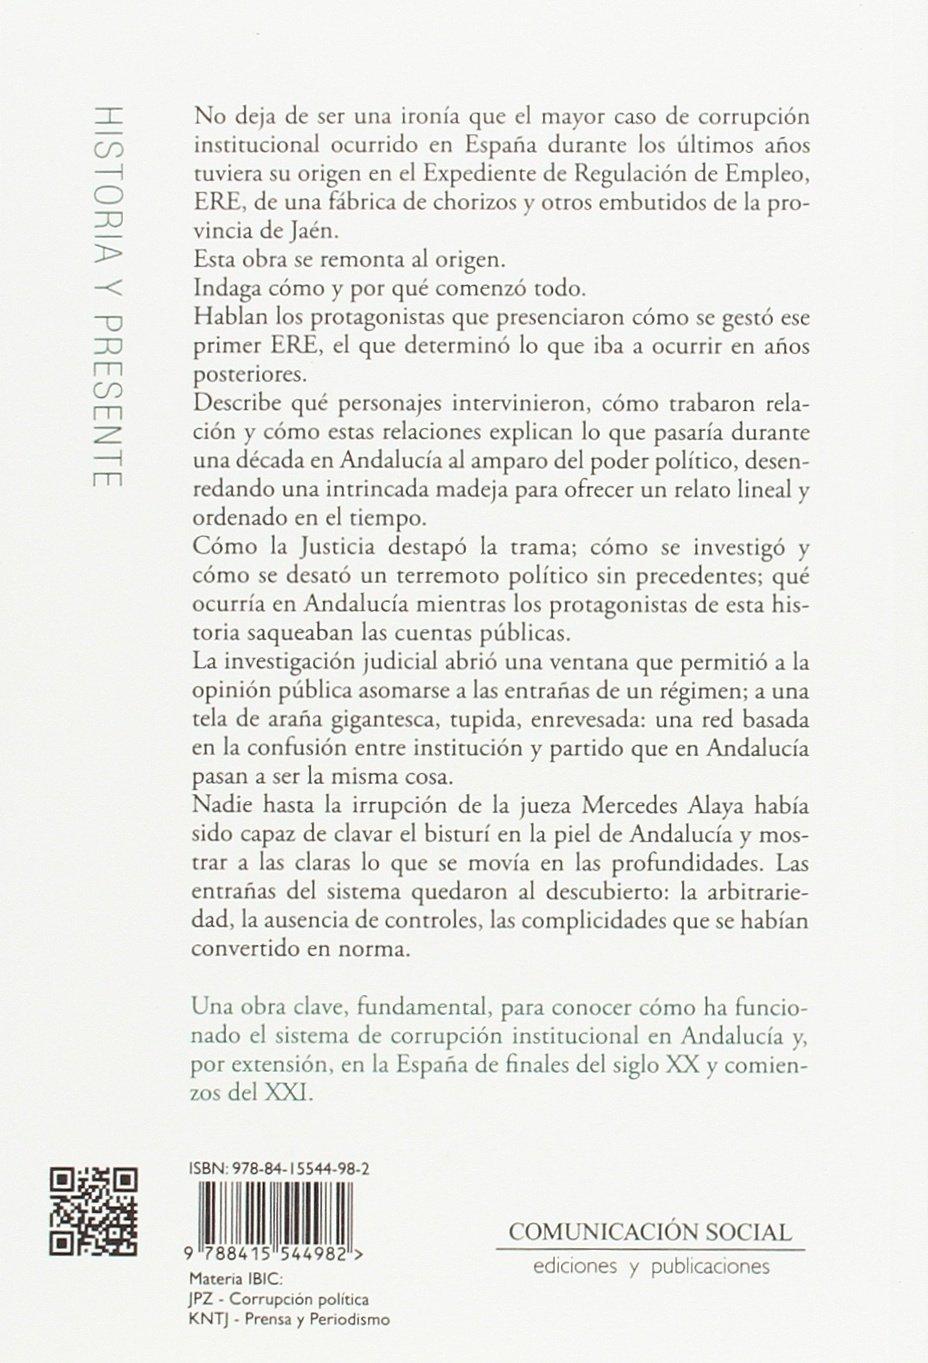 Caso ERE. Las entrañas de la corrupción institucional en Andalucía: 10 Historia y Presente: Amazon.es: Poveda Sánchez, Juan Esteban: Libros